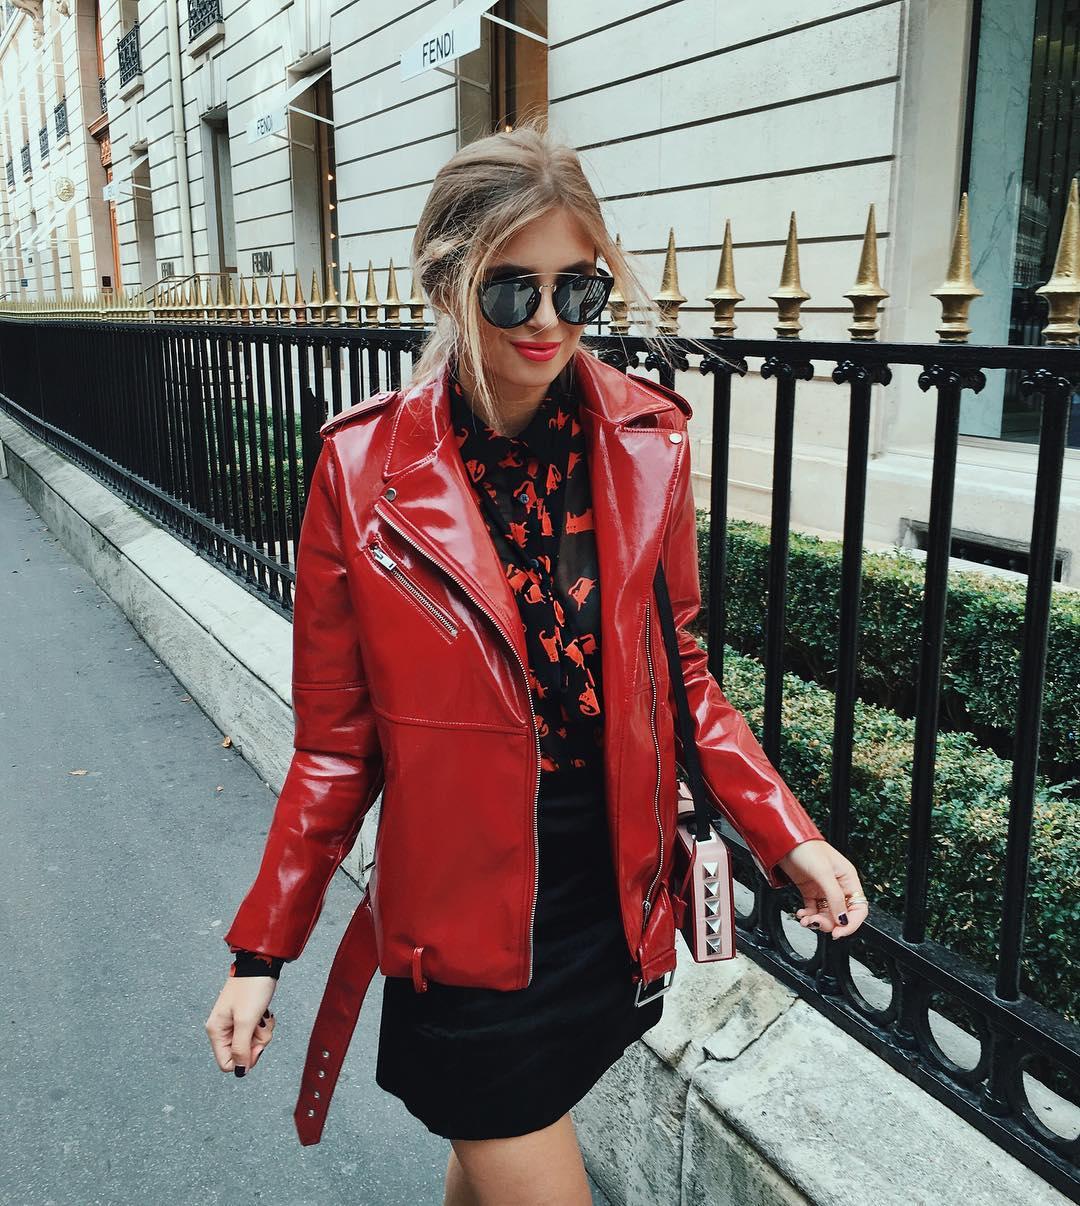 (3) Сакате да изгледате поатрактивно? 5 модни трикови што ќе ви помогнат во оваа цел